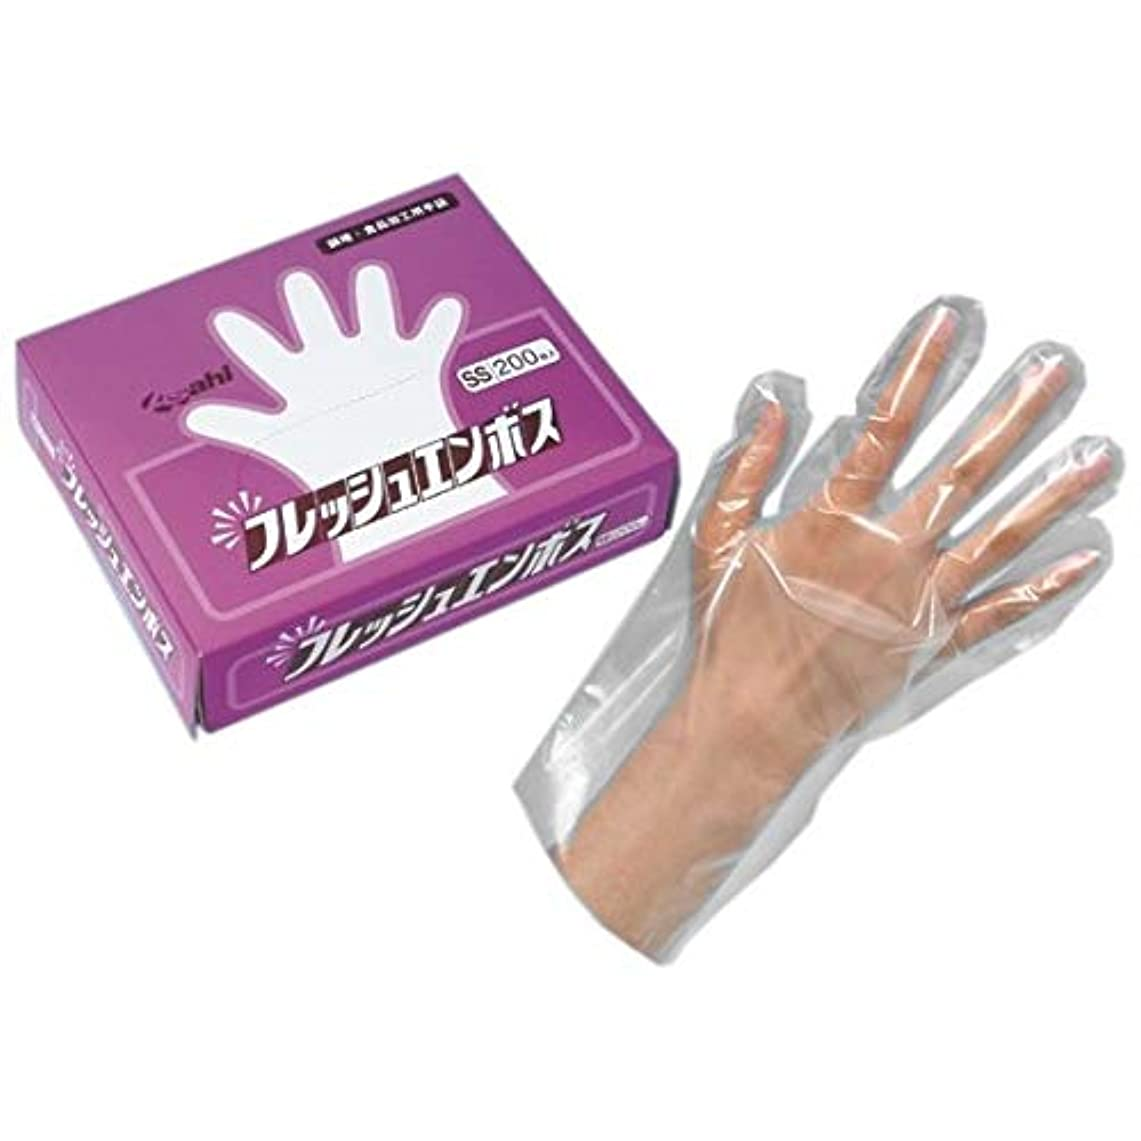 誕生スタイル窒息させるフレッシュエンボス 手袋 SSサイズ 200枚入